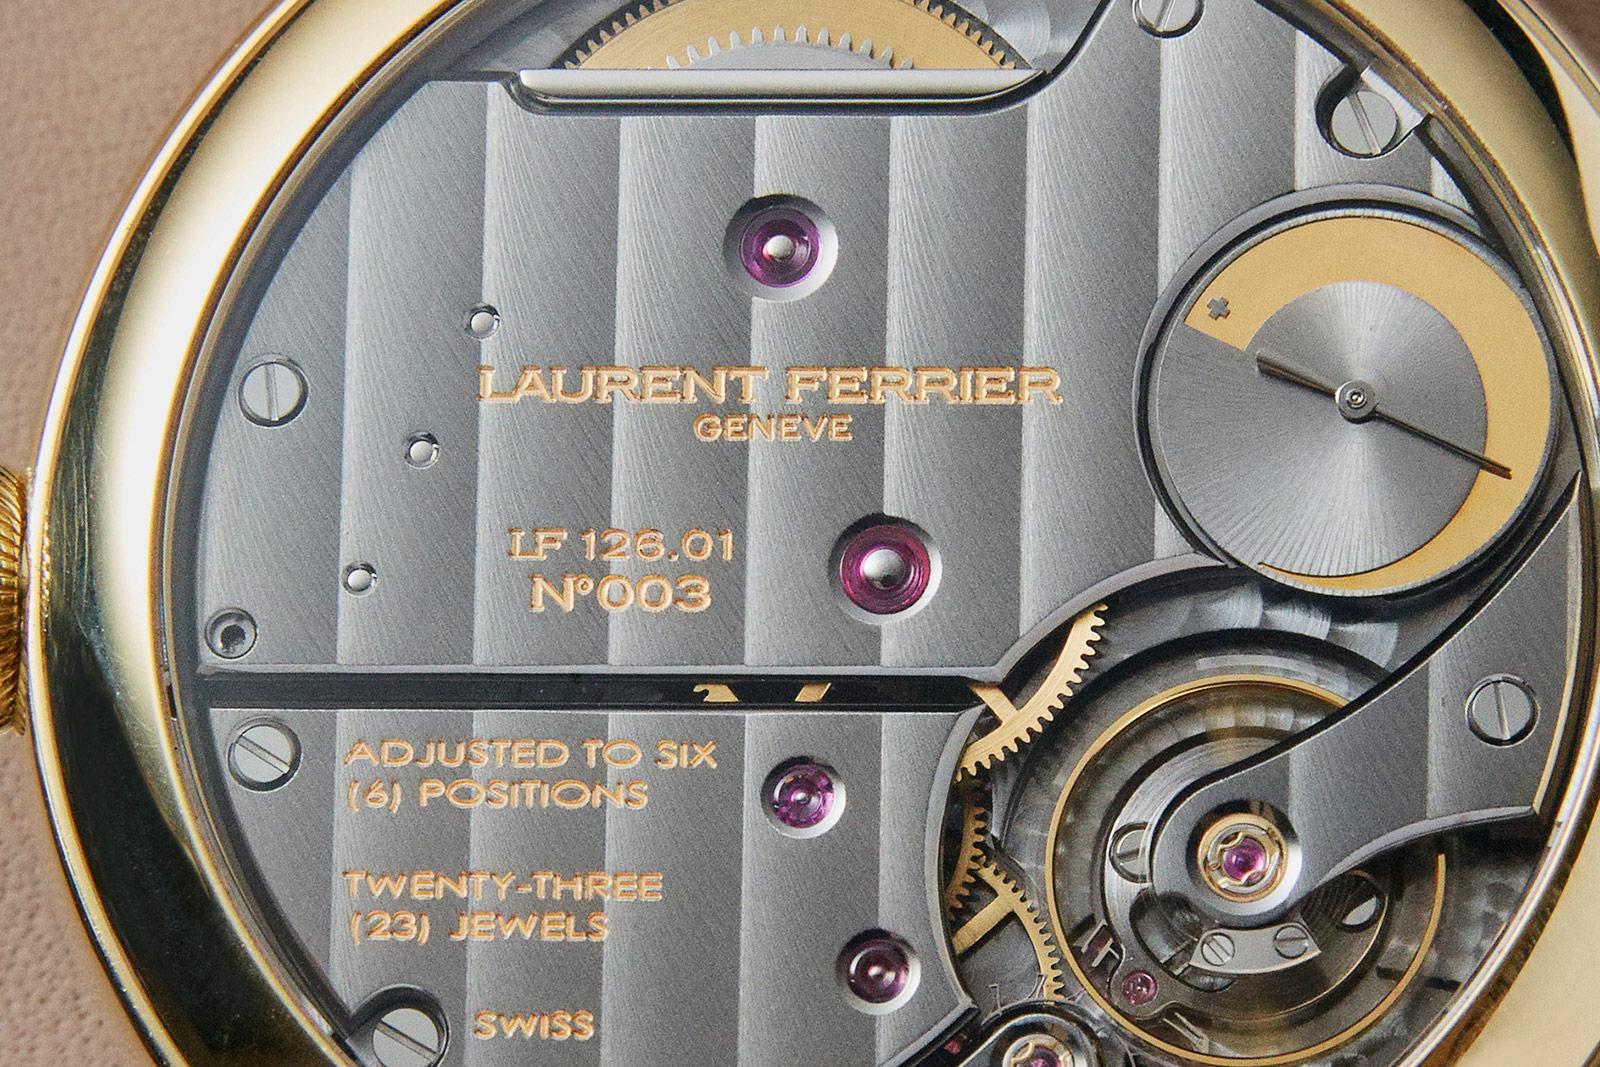 Pre-SIHH 2019-nieuws van Laurent Ferrier